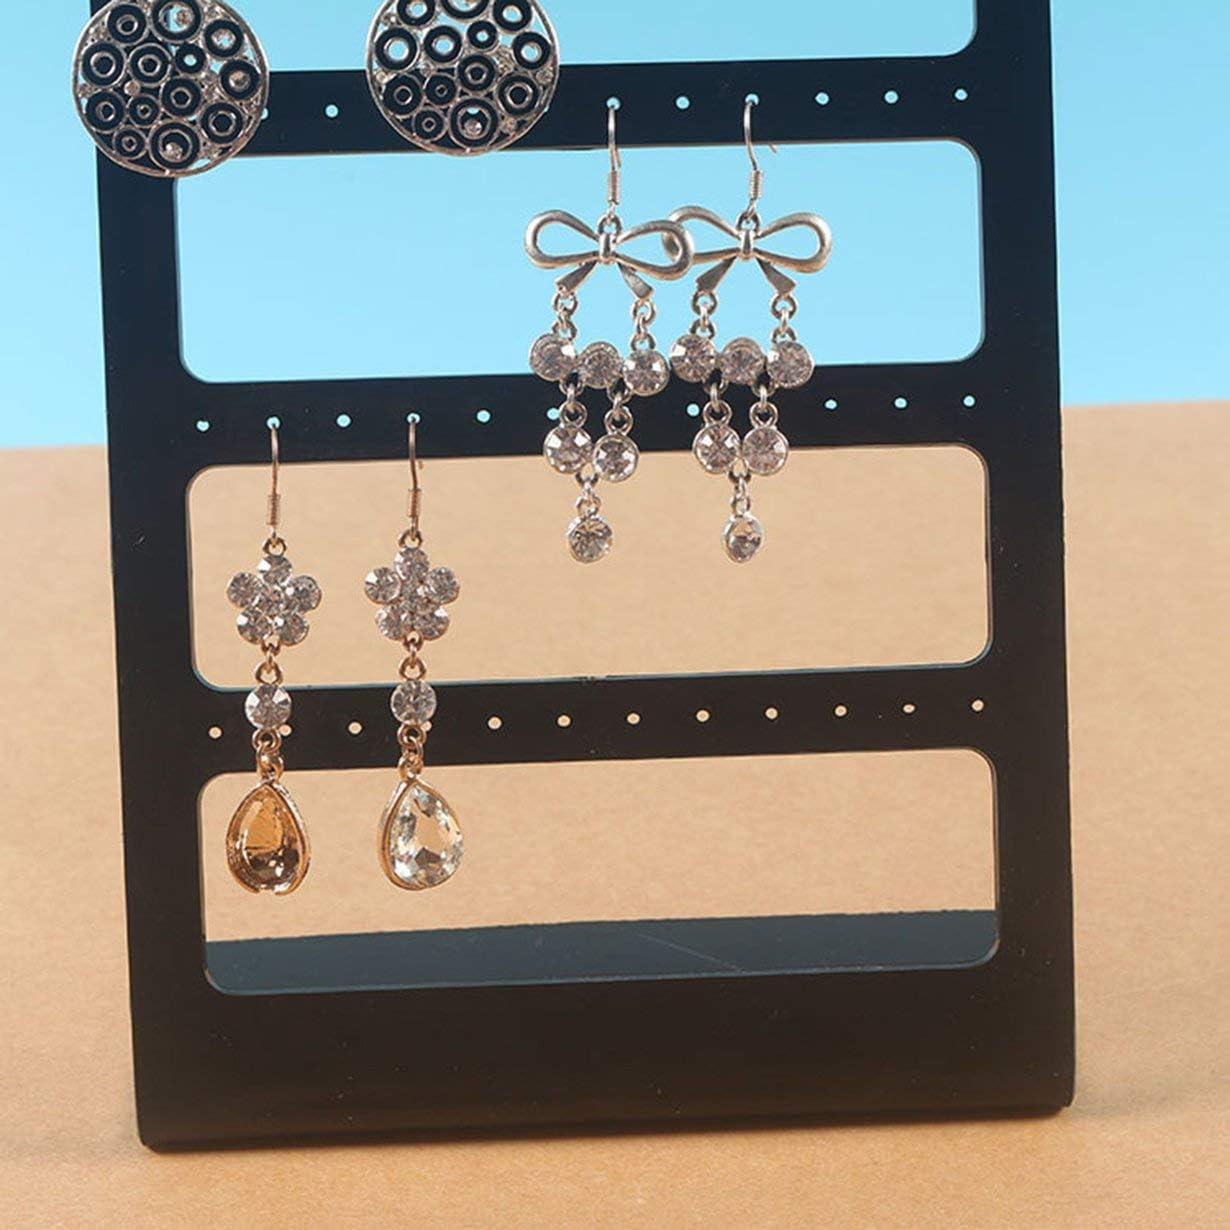 camellia/® 1pcs 48 Trous Boucles doreille Goujons Porte-pr/ésentoir Stand vitrine en Plastique Bijoux Organisateur Rack Plat Support de Boucle doreille Noir